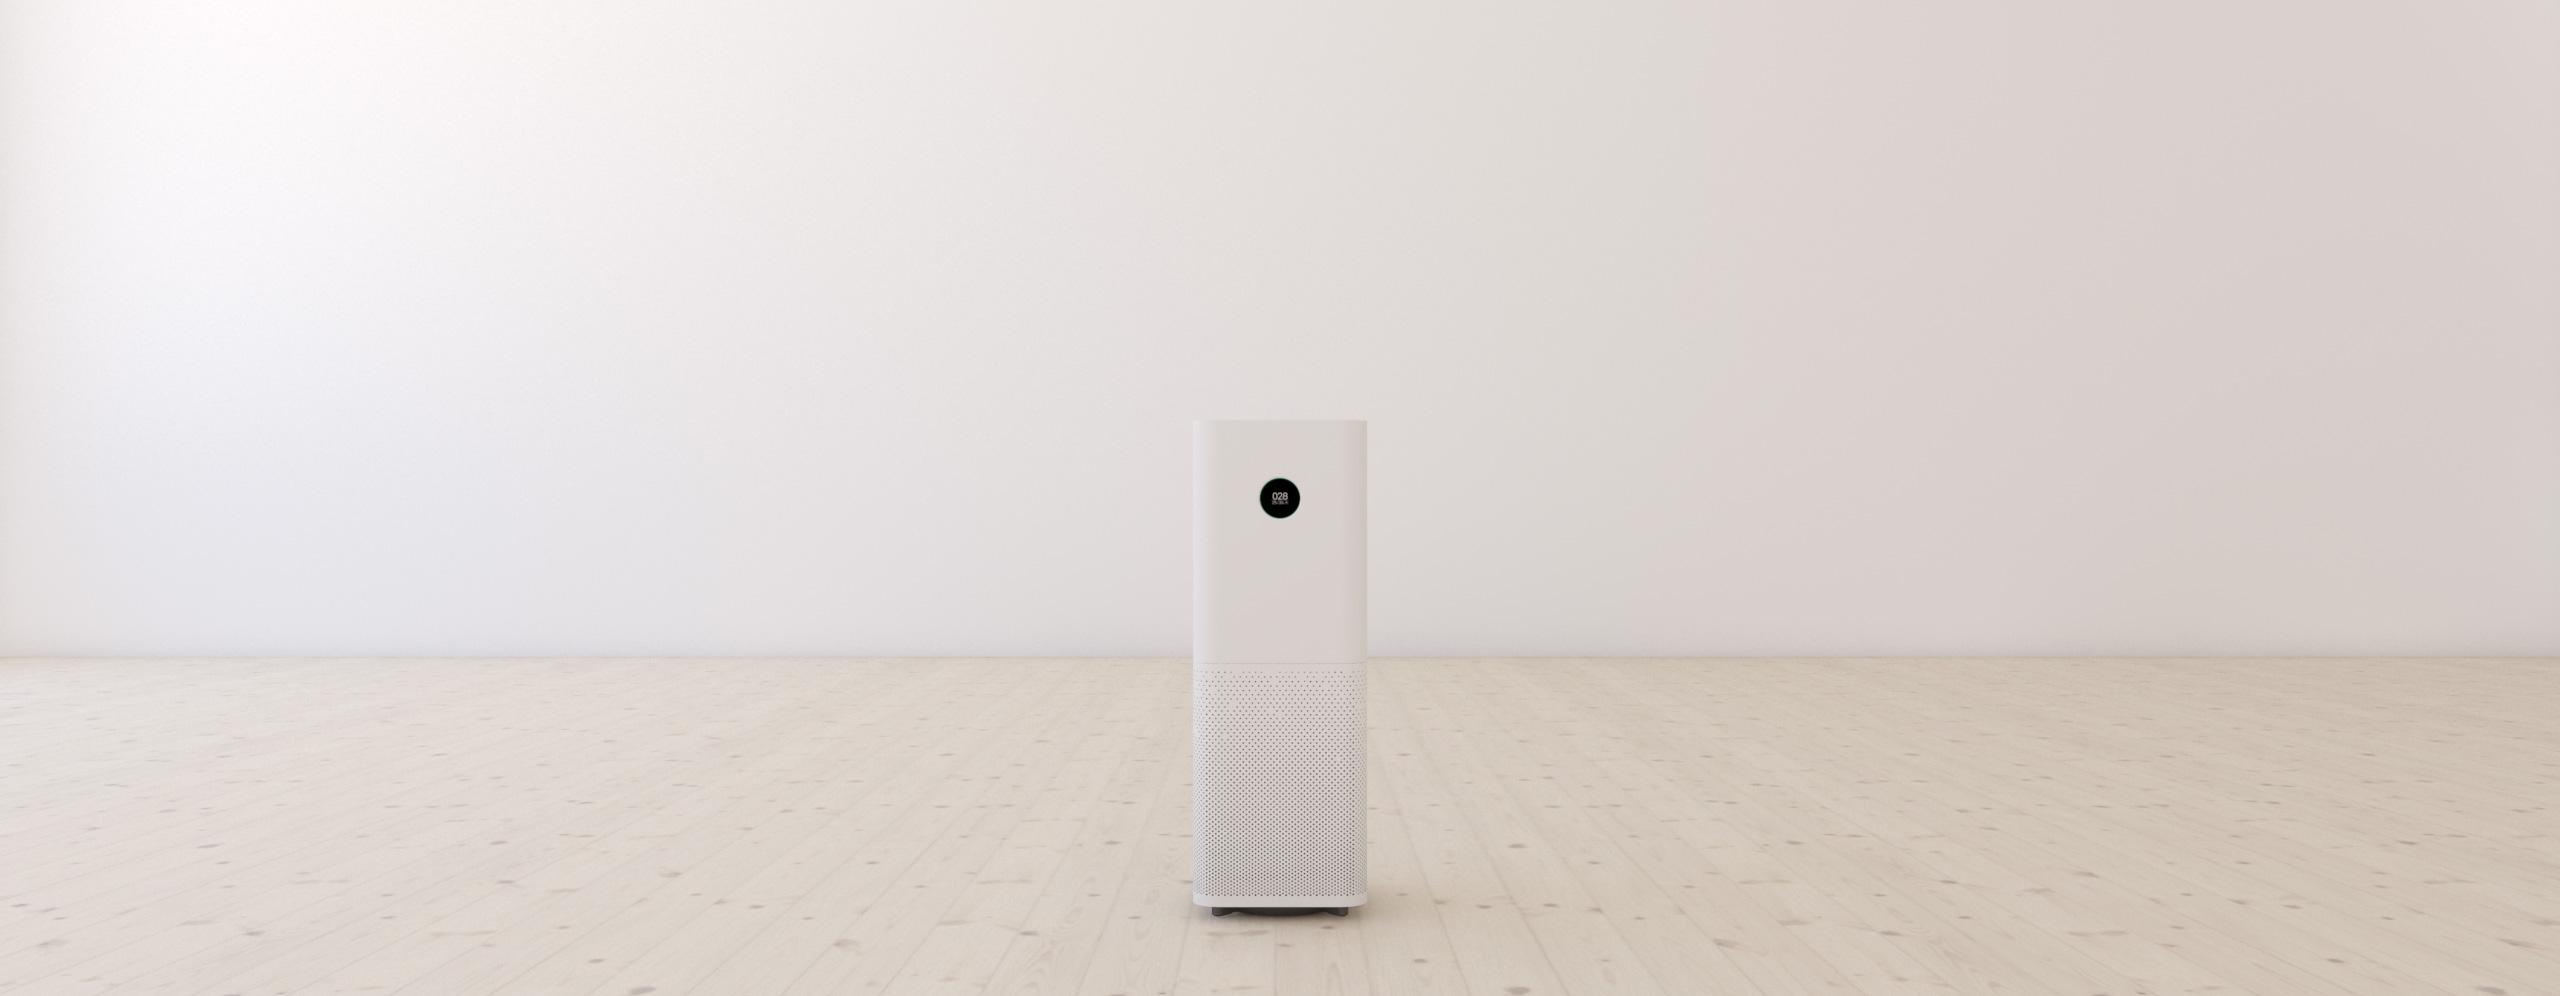 米家空气净化器 Pro